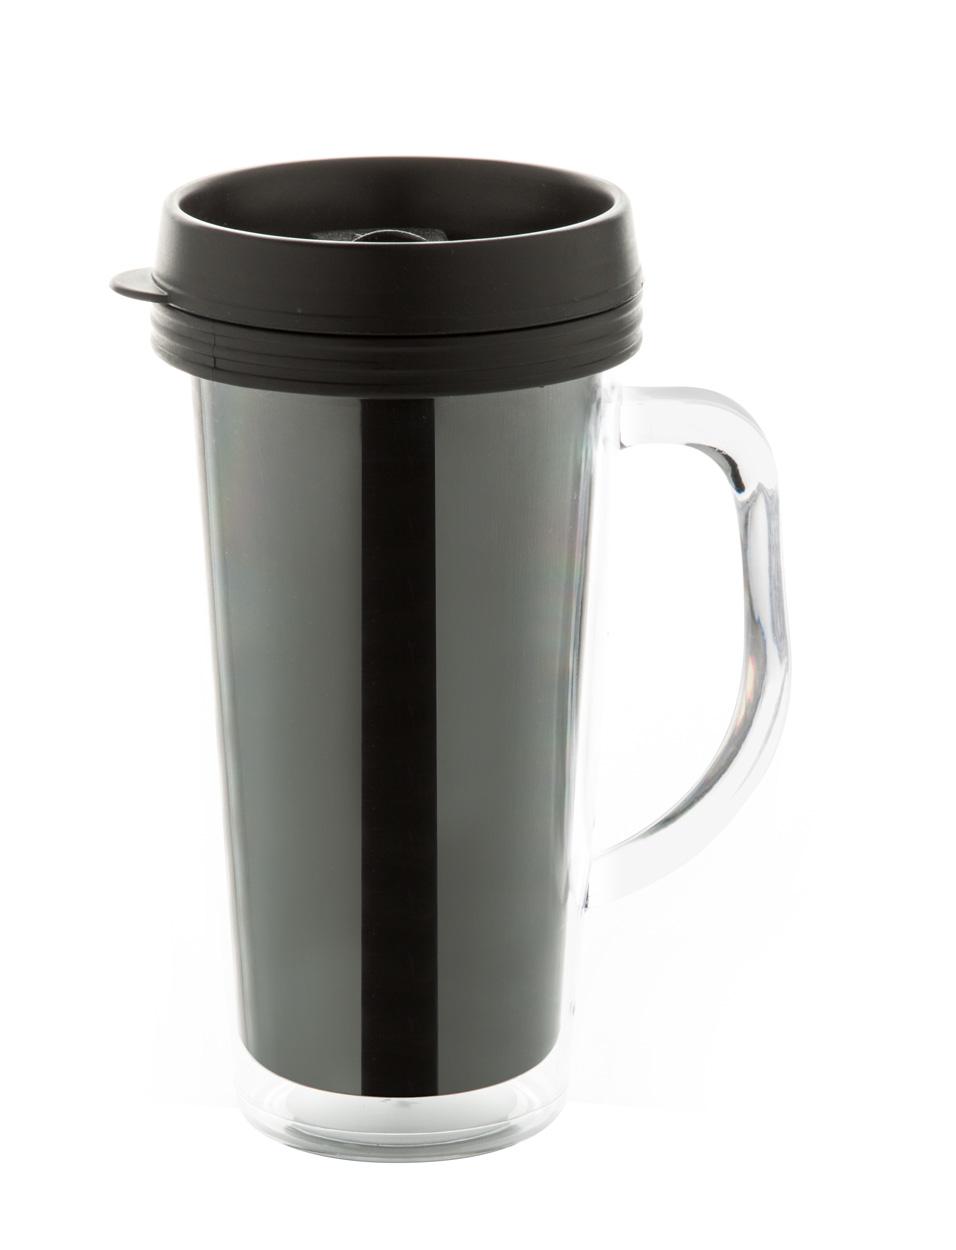 Grabster mug thermos